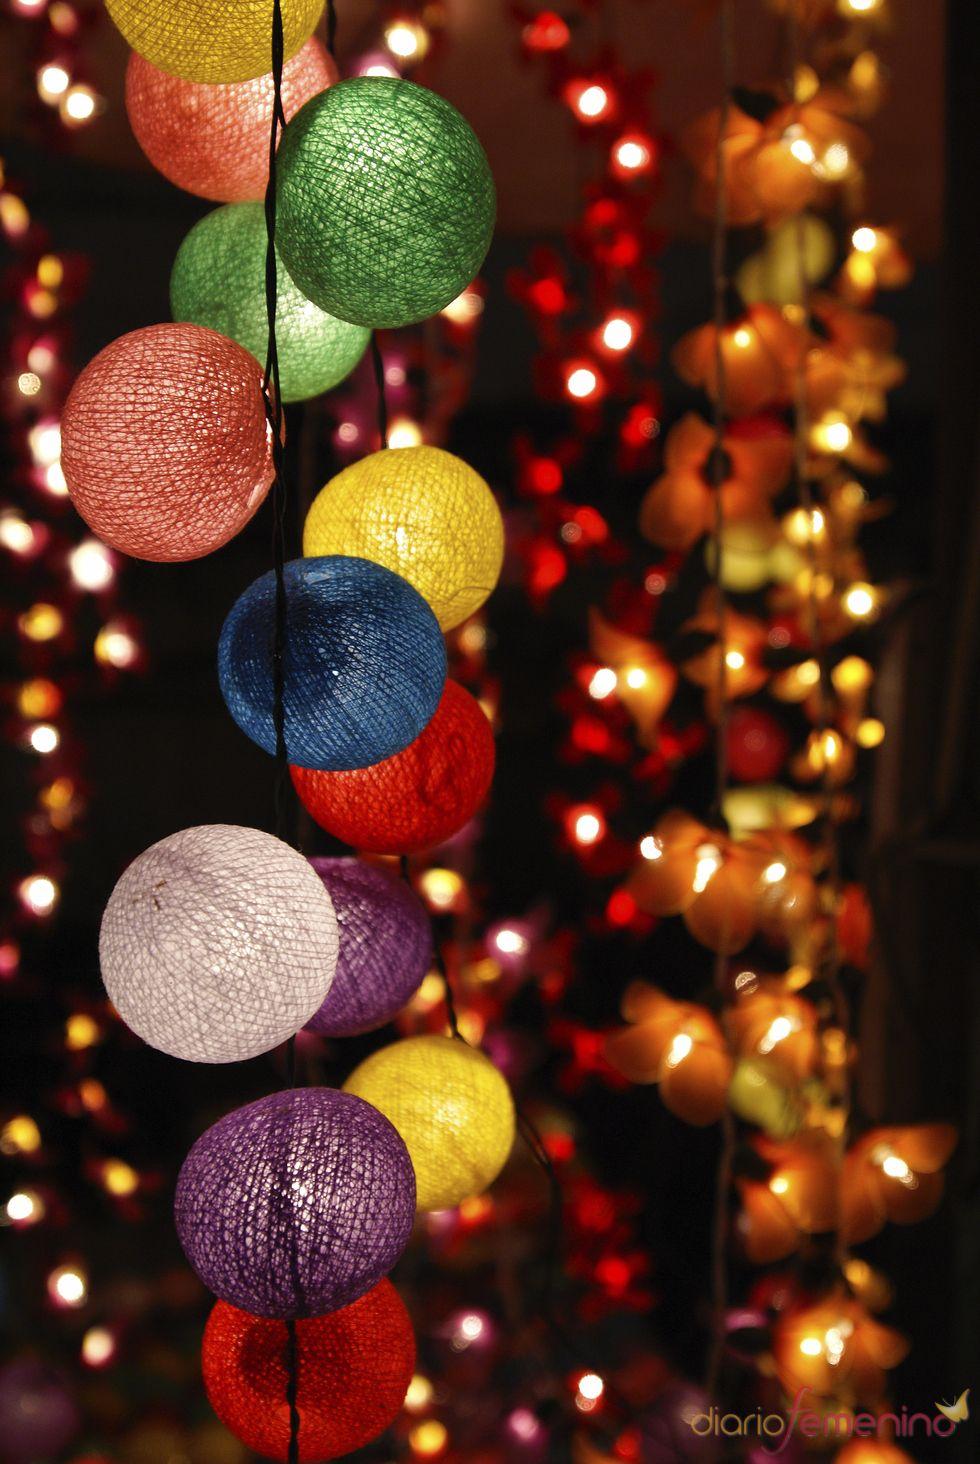 Image gallery imagenes luces - Luces de navidad ...